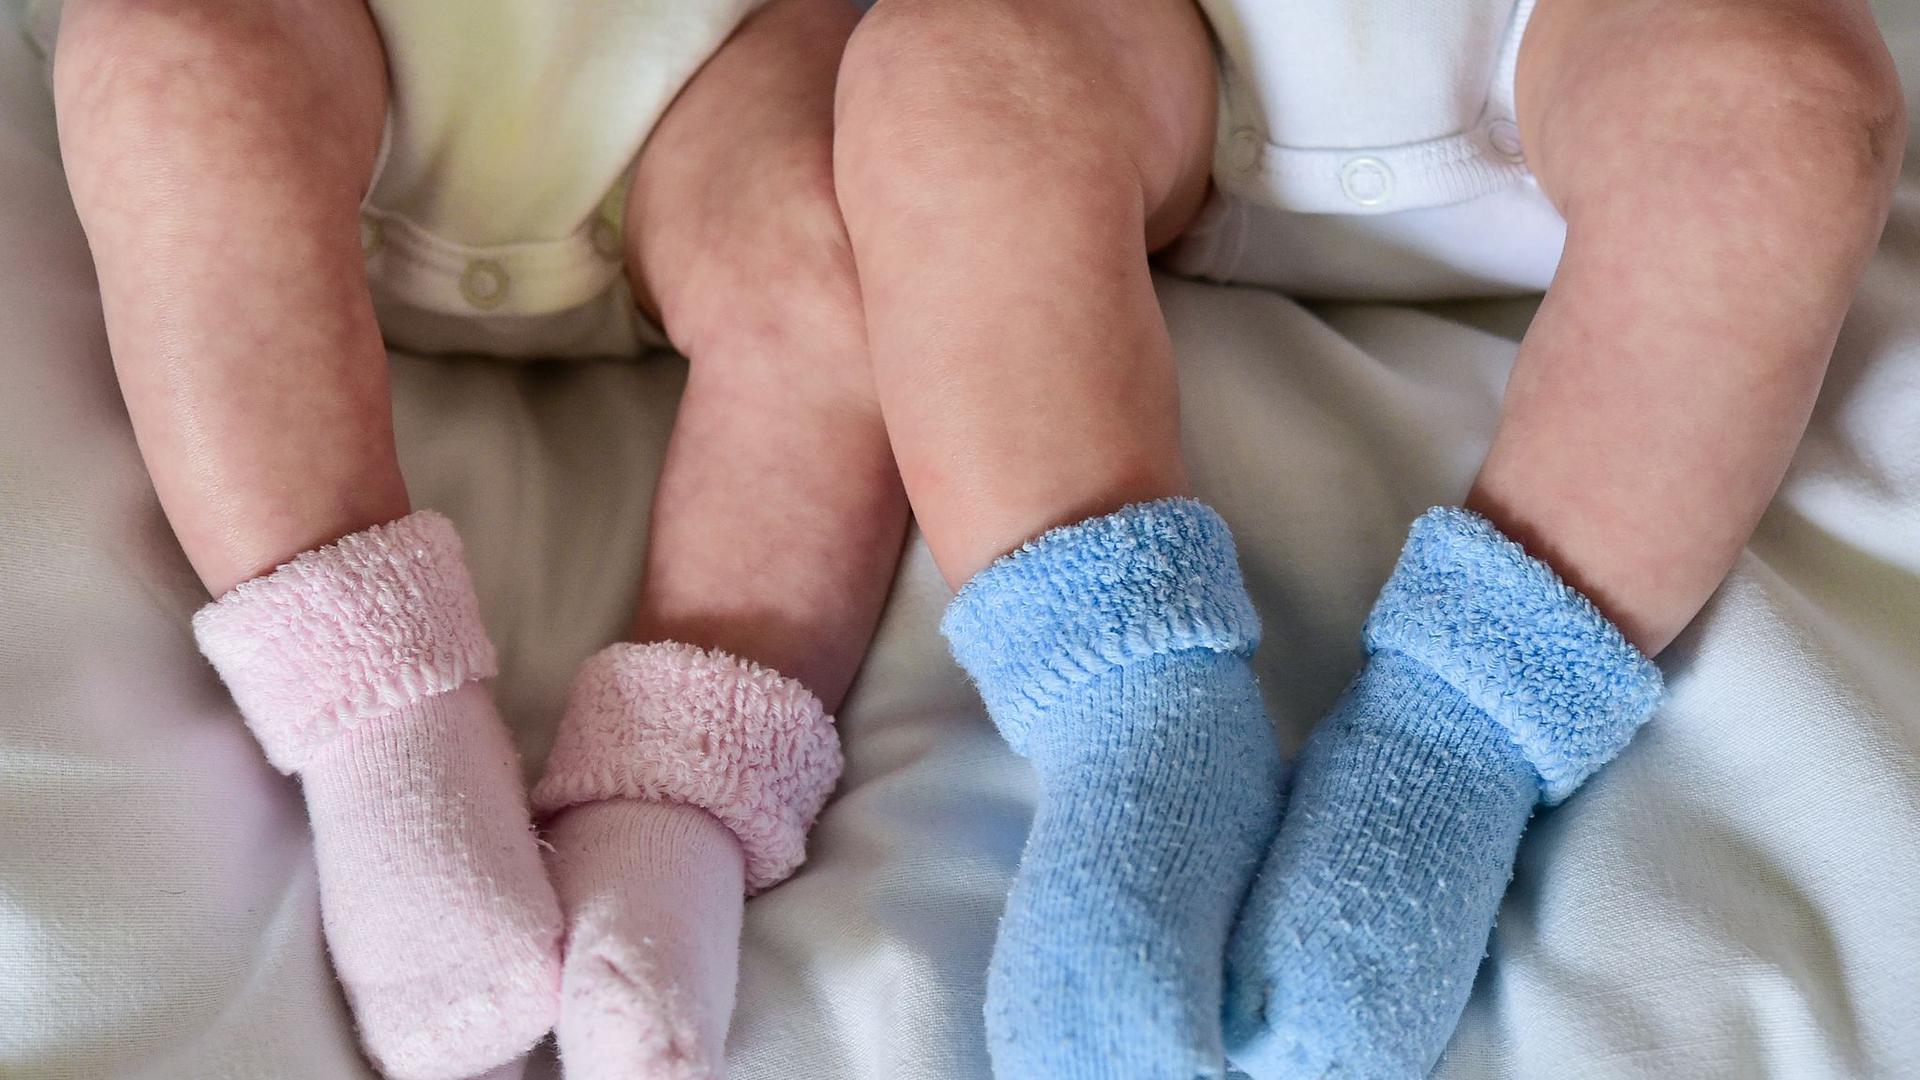 Rosa und blaue Söckchen für ein Mädchen und einen Jungen und die nackten Babybeine von Zwillingen.